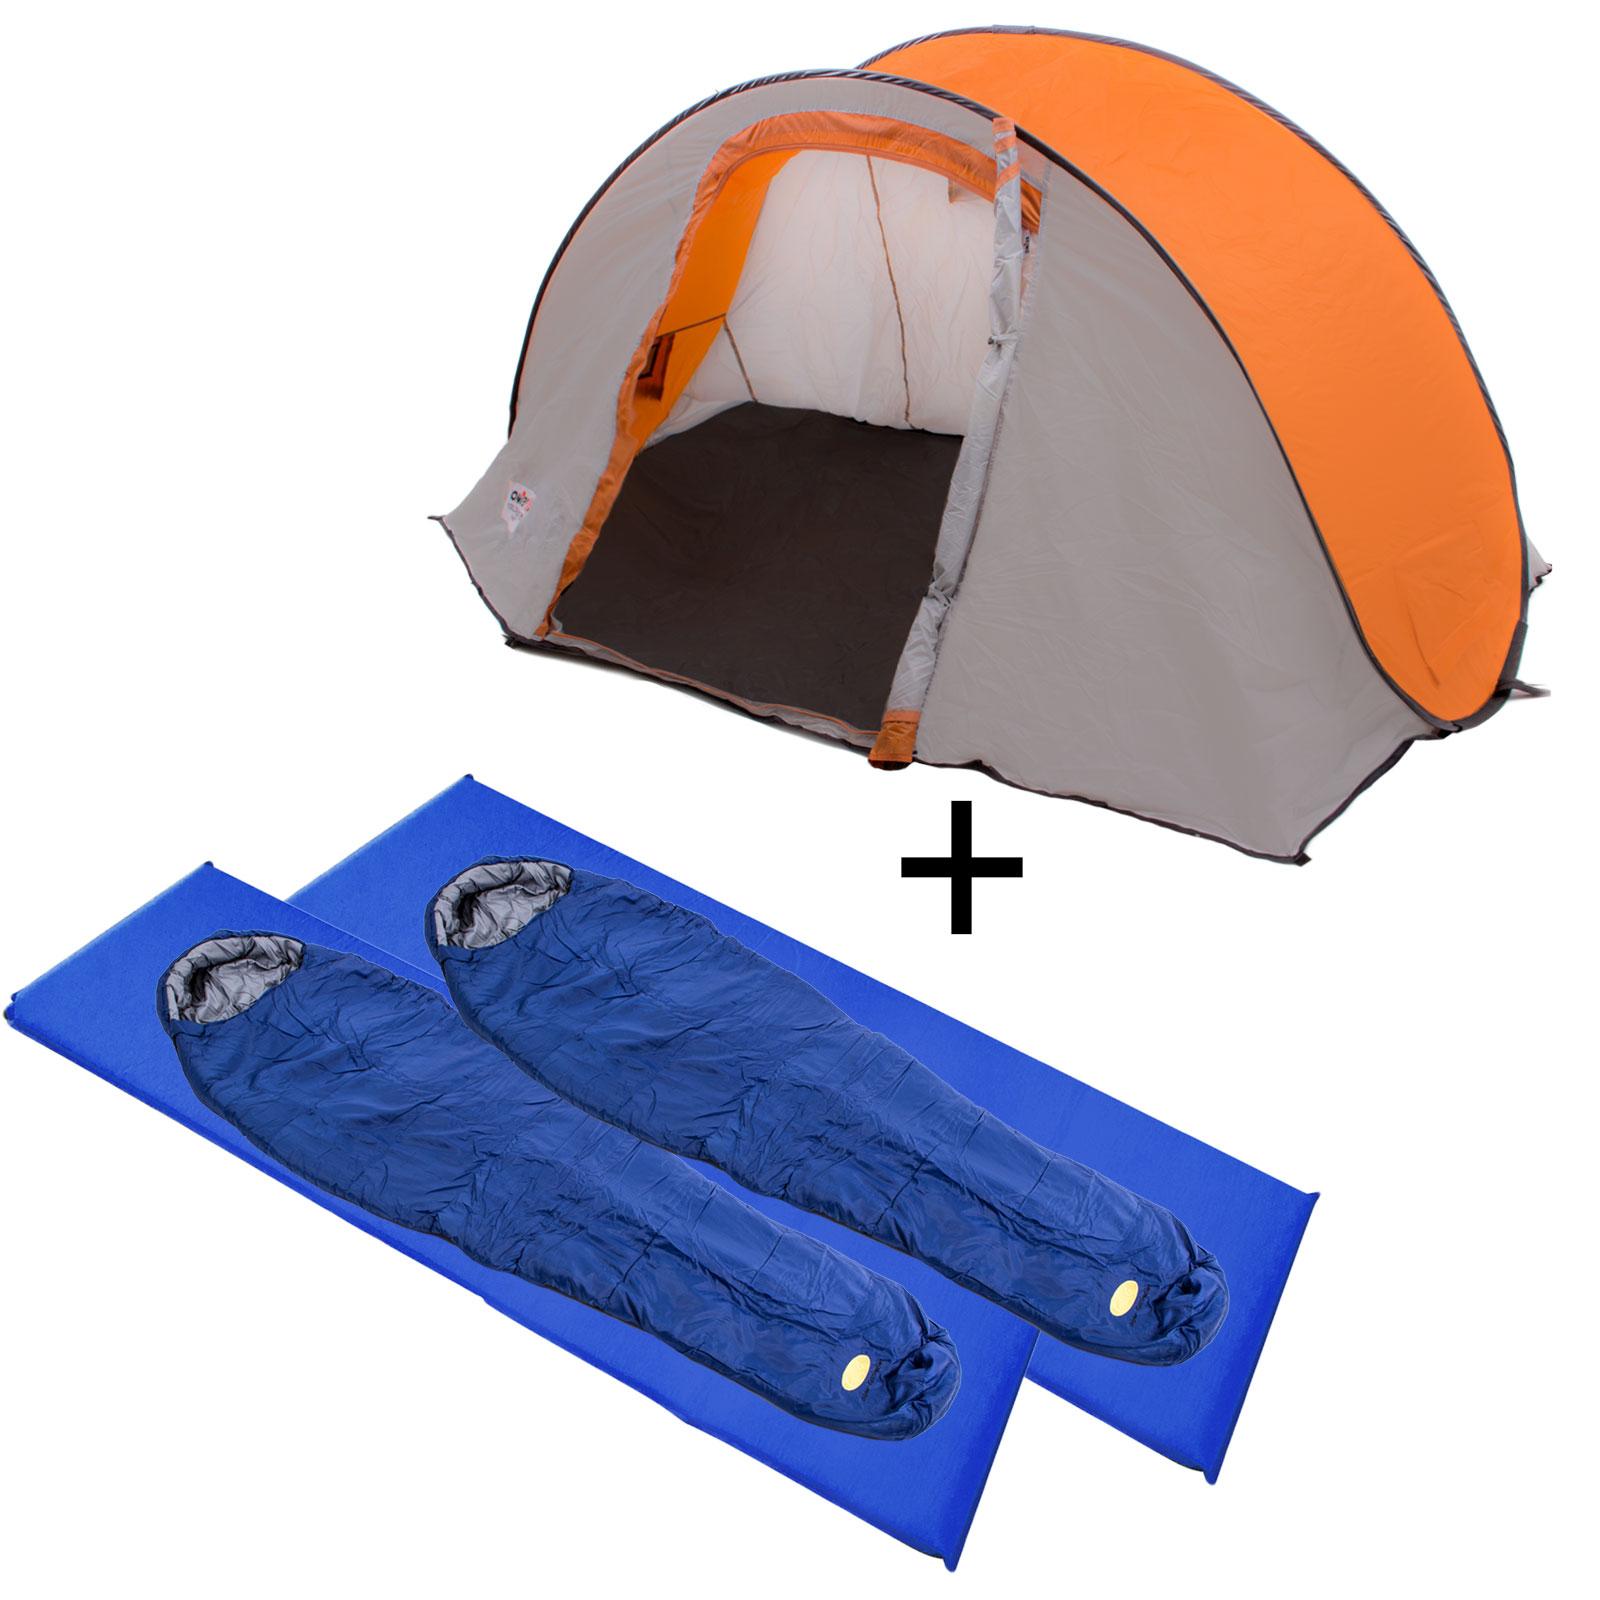 2 Personen Wurfzelt / 2x Camp 4 Mumienschlafsack / 2x Camp 4 Isomatte